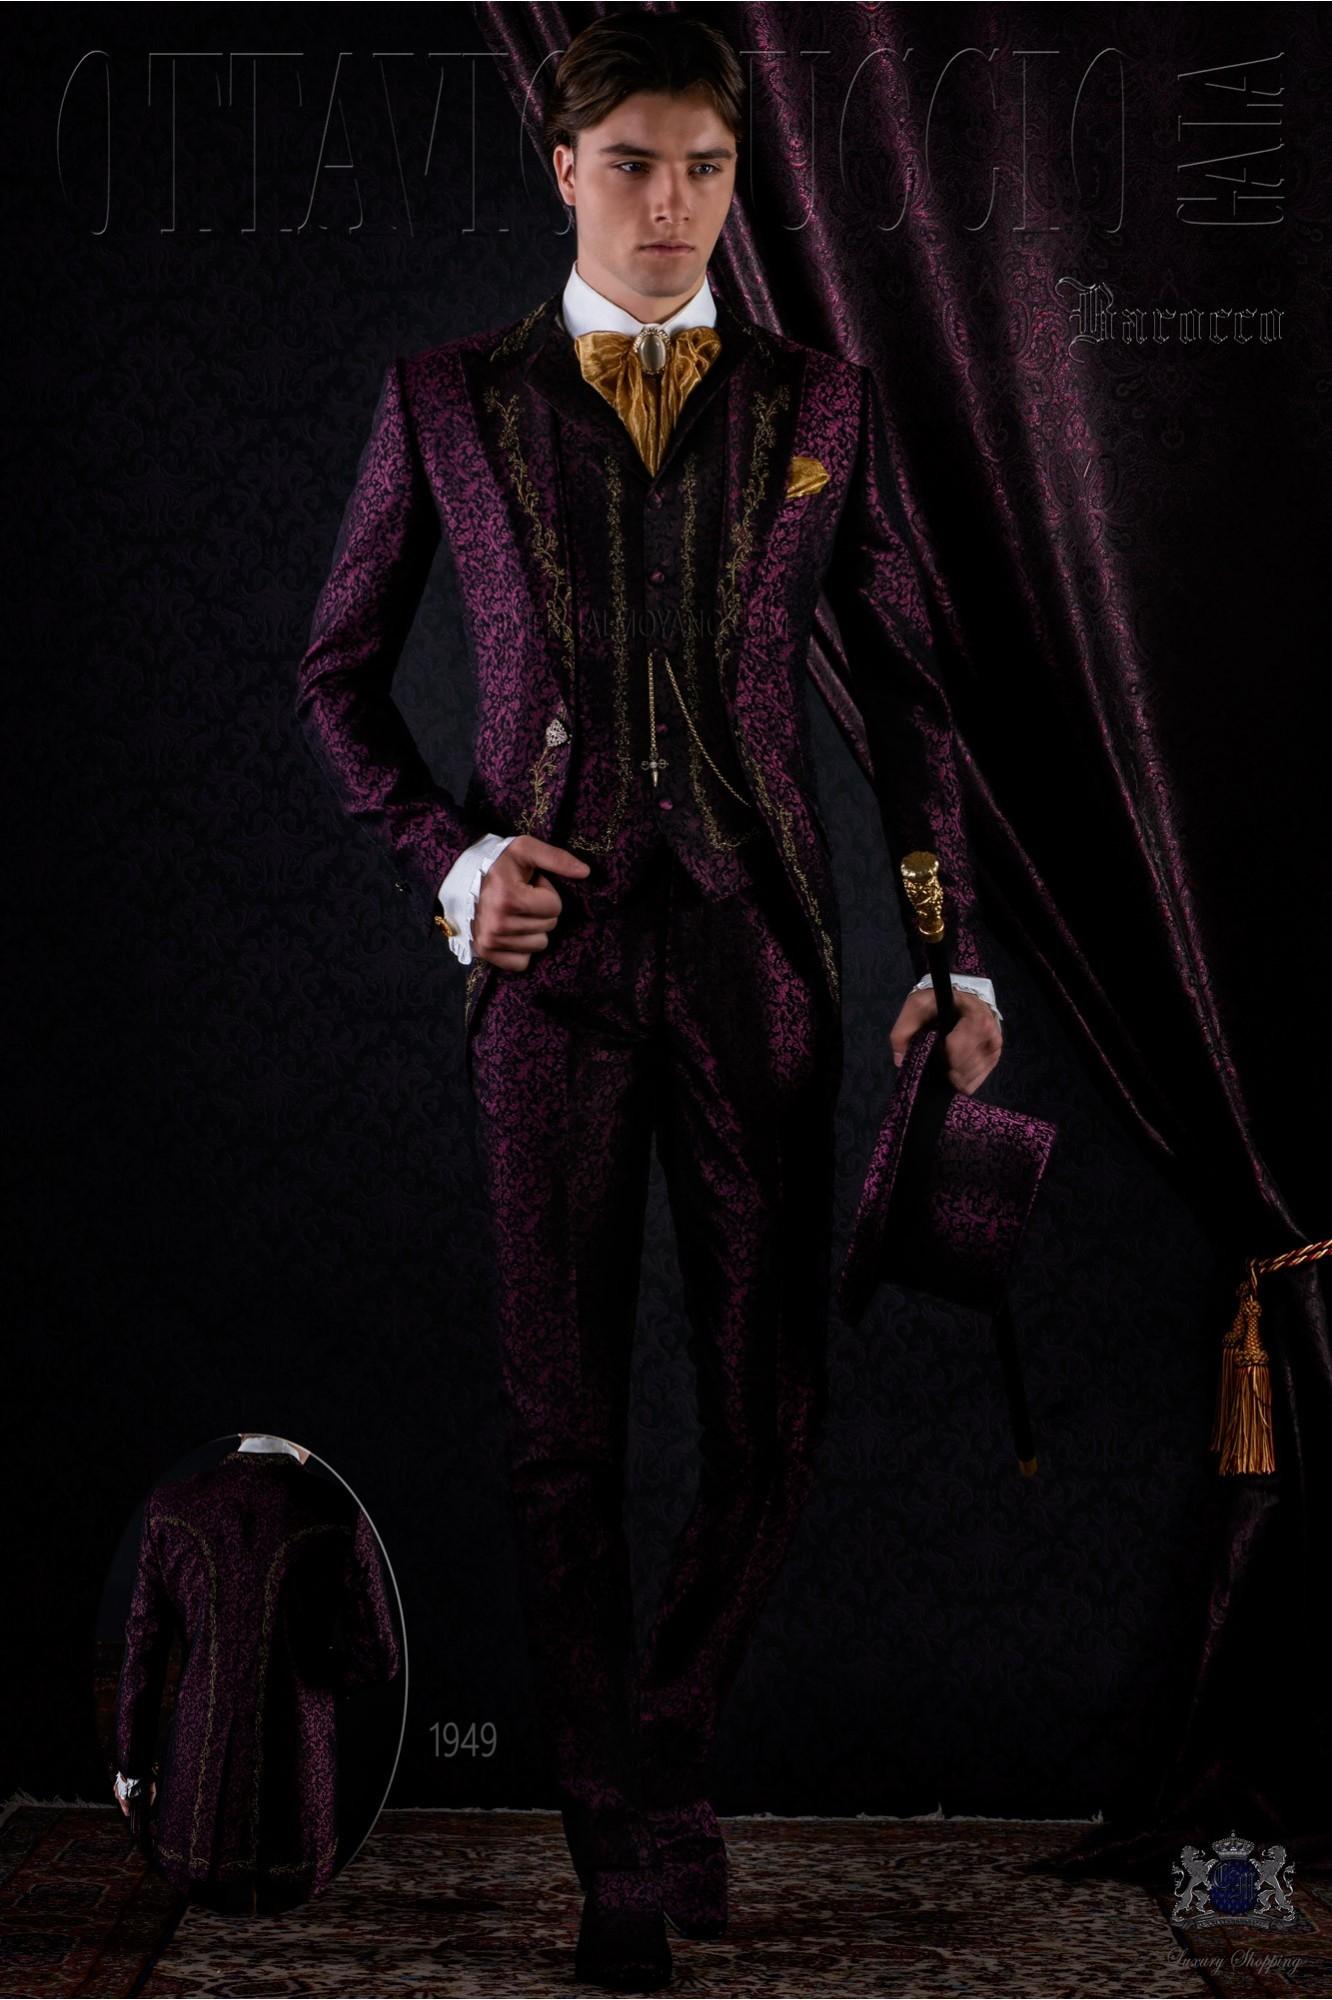 Traje de novio de época brocado púrpura bordado oro modelo: 1949 Ottavio Nuccio Gala colección Barroco